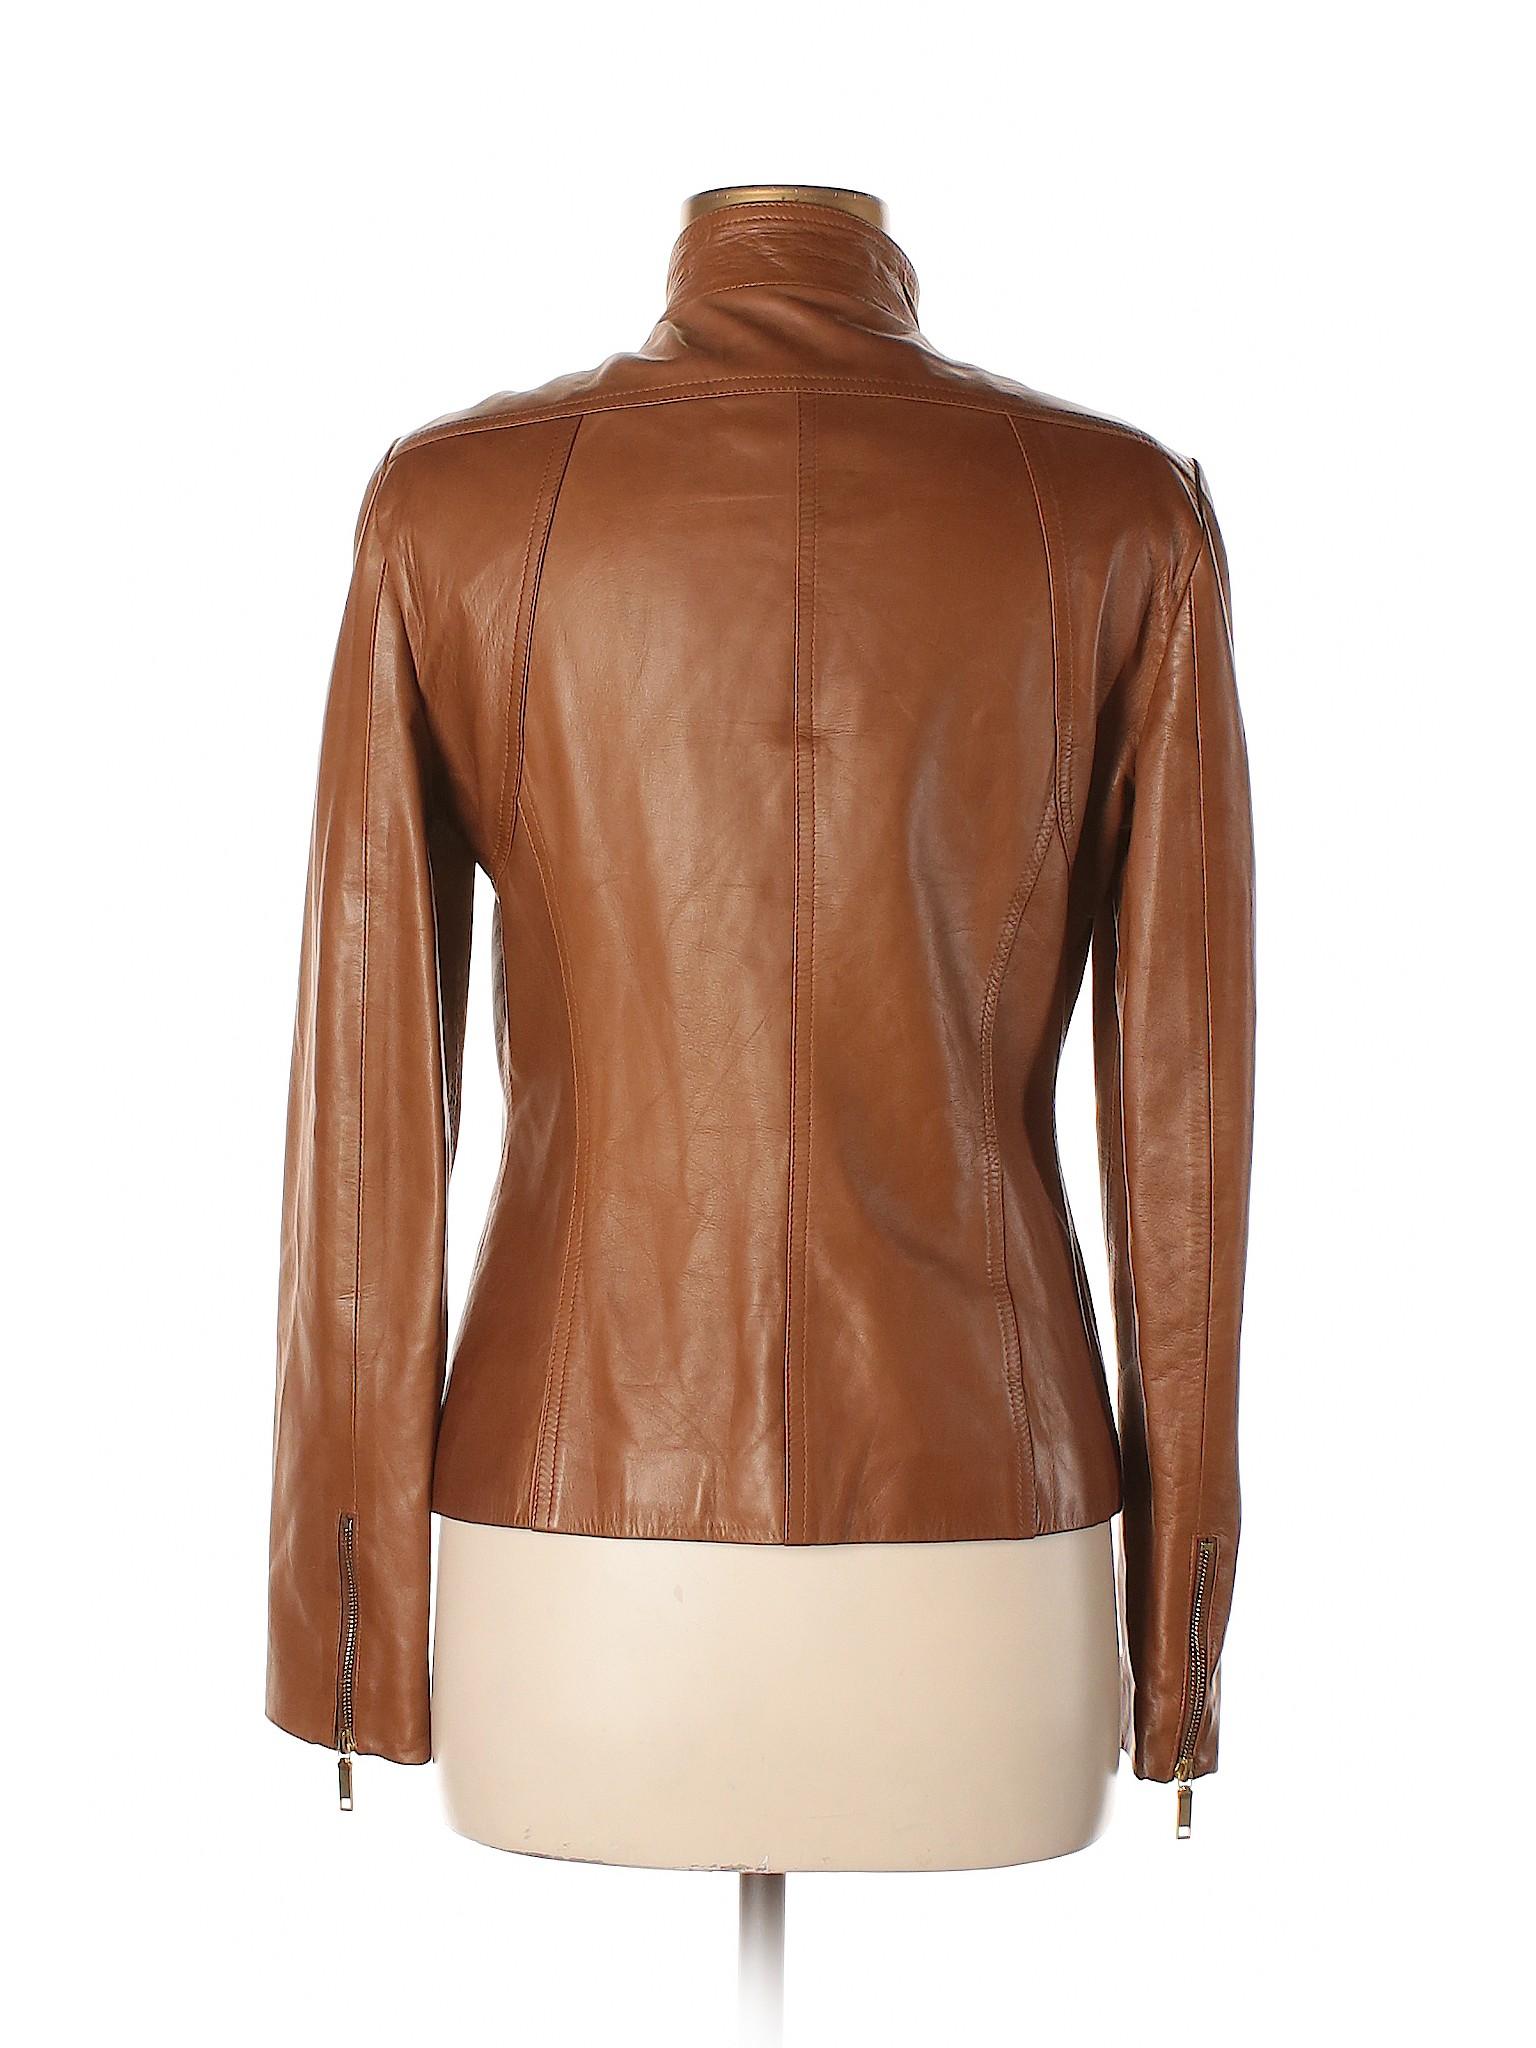 Boutique C��line C��line Leather Leather Boutique Jacket rFxZrn64c